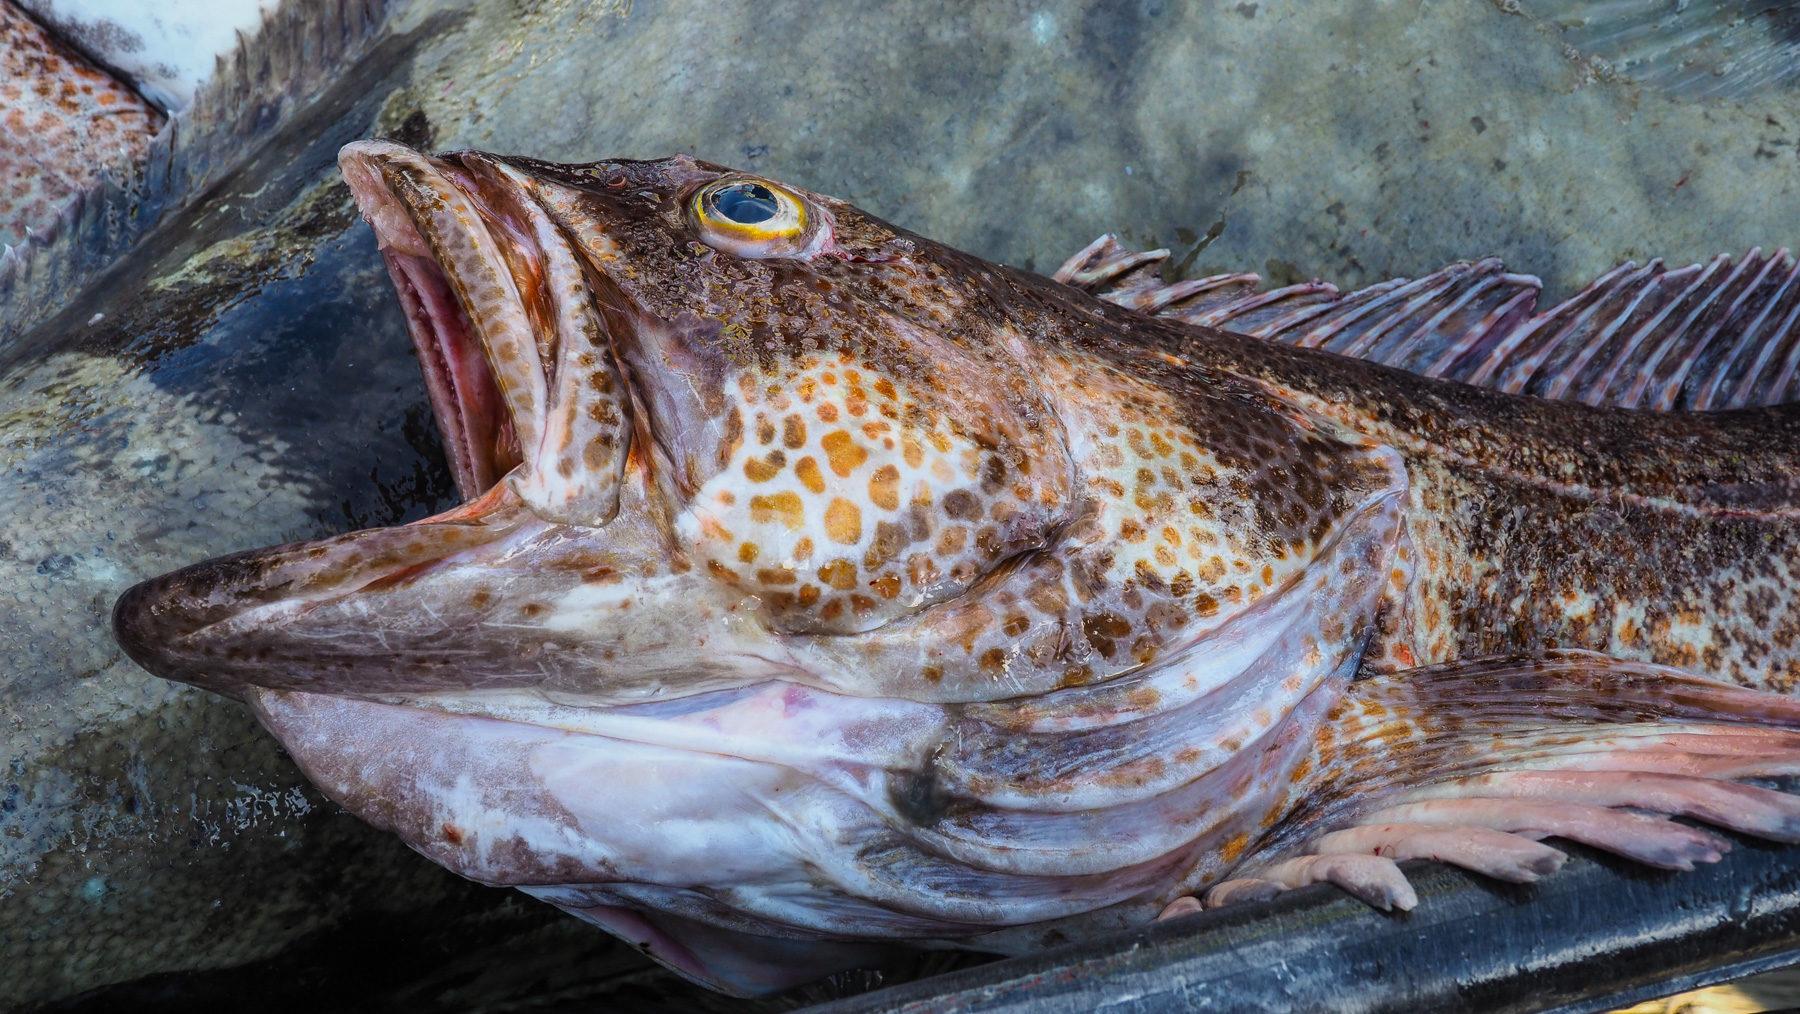 ein besonders schöner Fisch